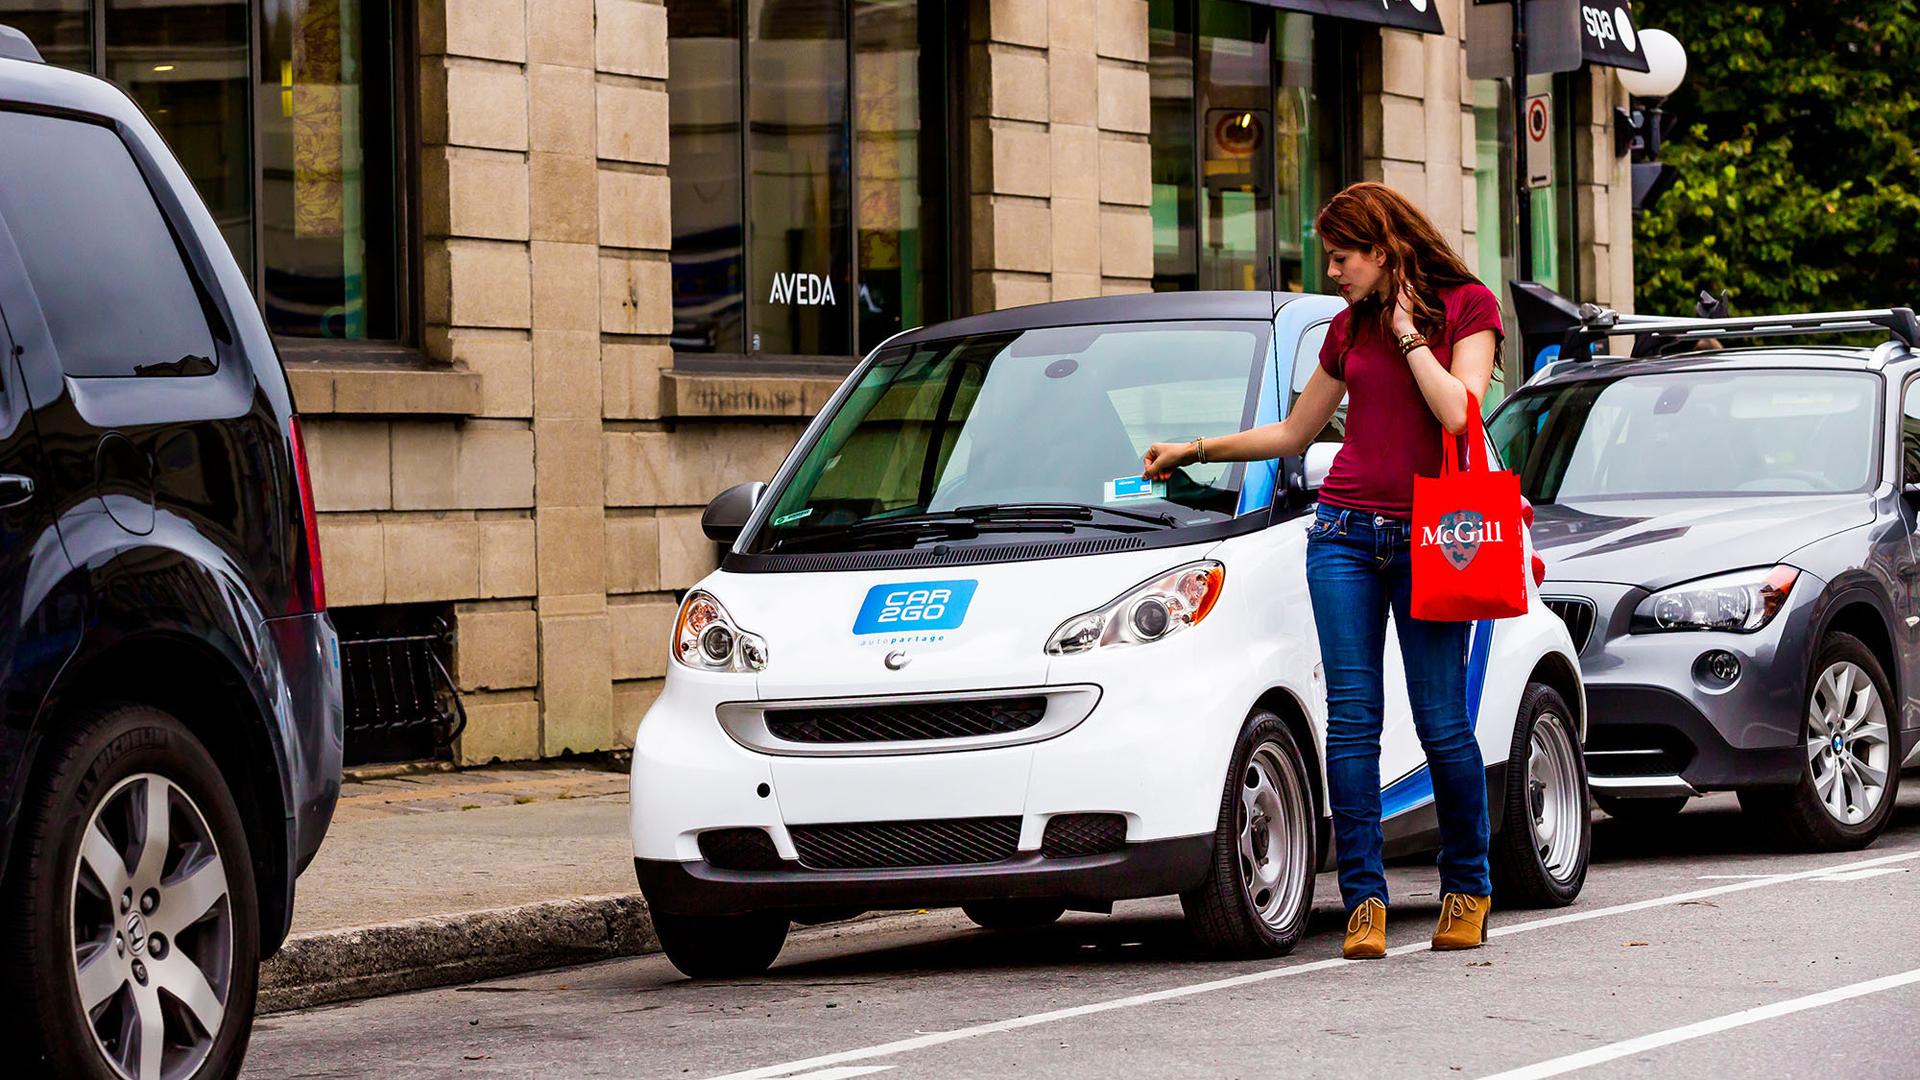 Car2go es una filial de Daimler AG que proporciona servicios de alquiler de coches en ciudades de Europa y Norteamérica. En la imagen, una cliente contrata una unidad en las calles de Toronto, Canadá